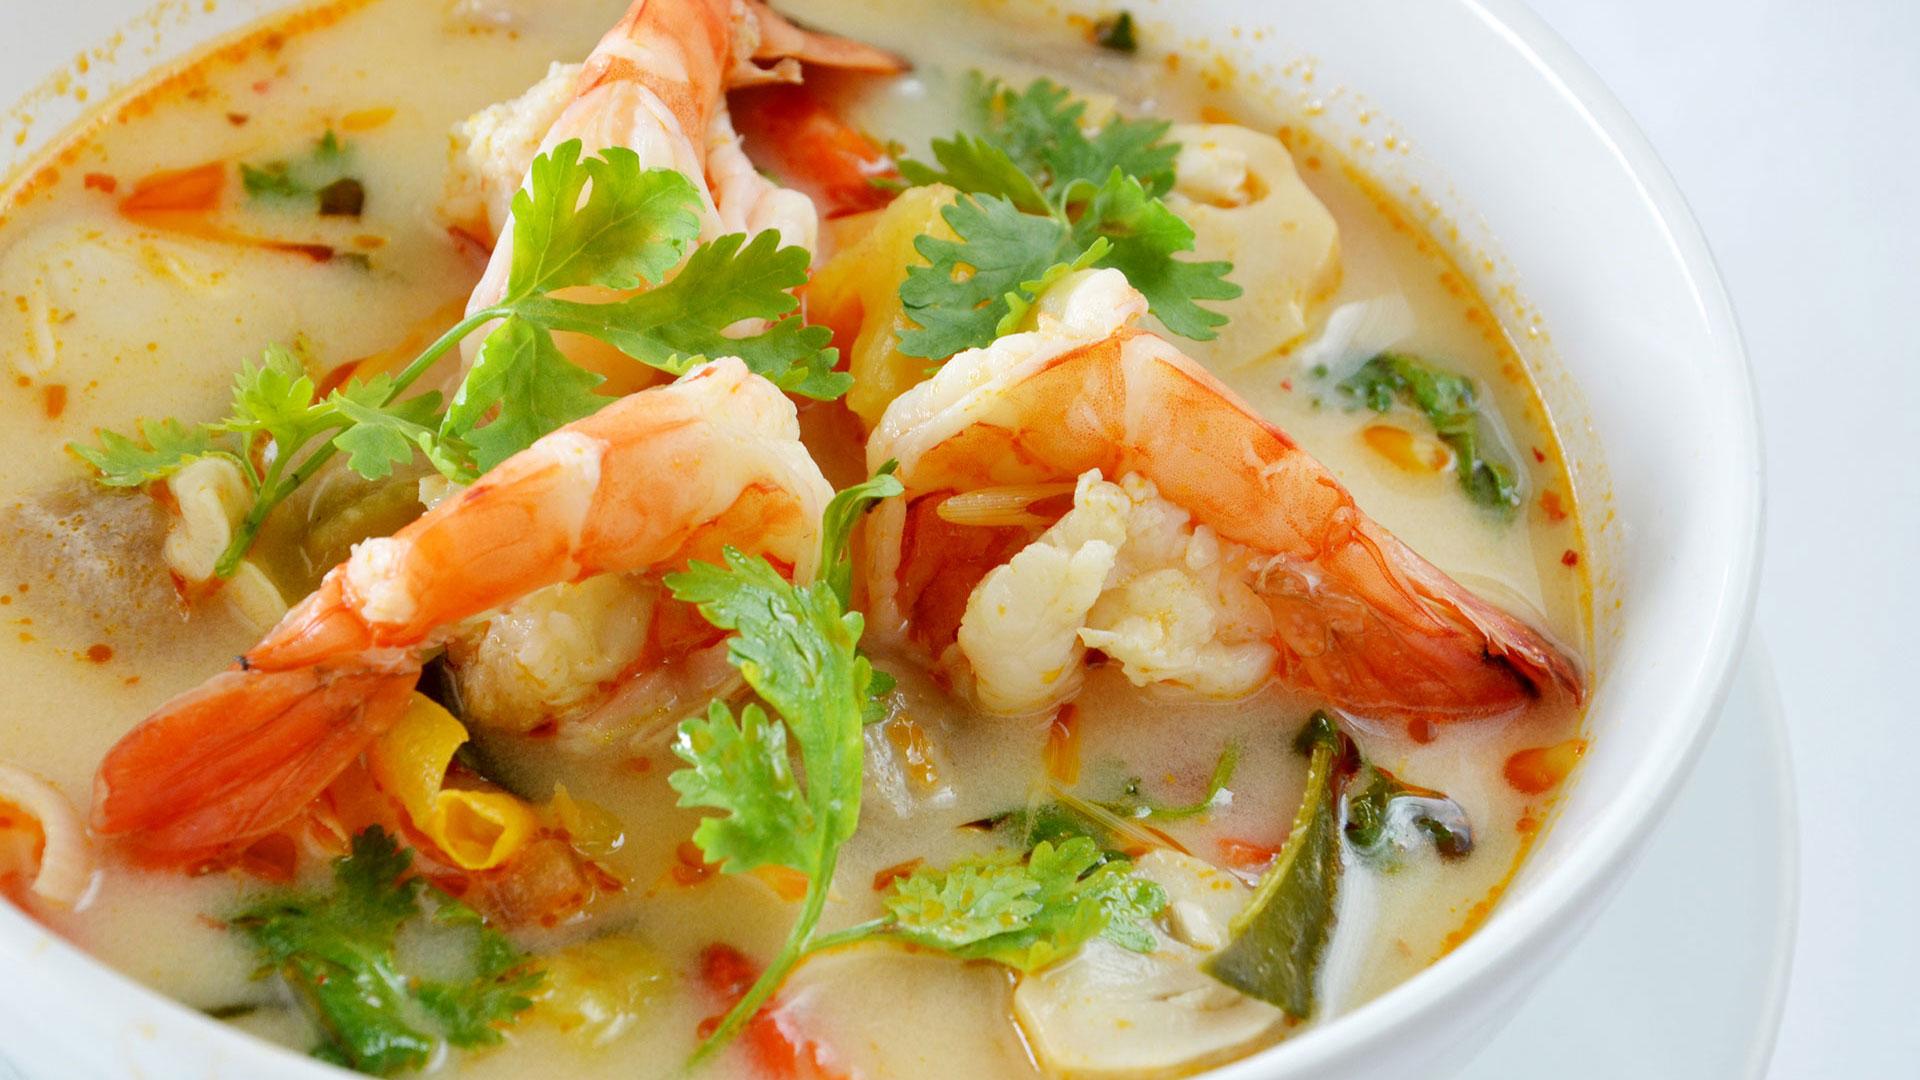 Aor thai cuisine foodtruck cuisine thailandaise pour - Cuisine thai pour debutants ...